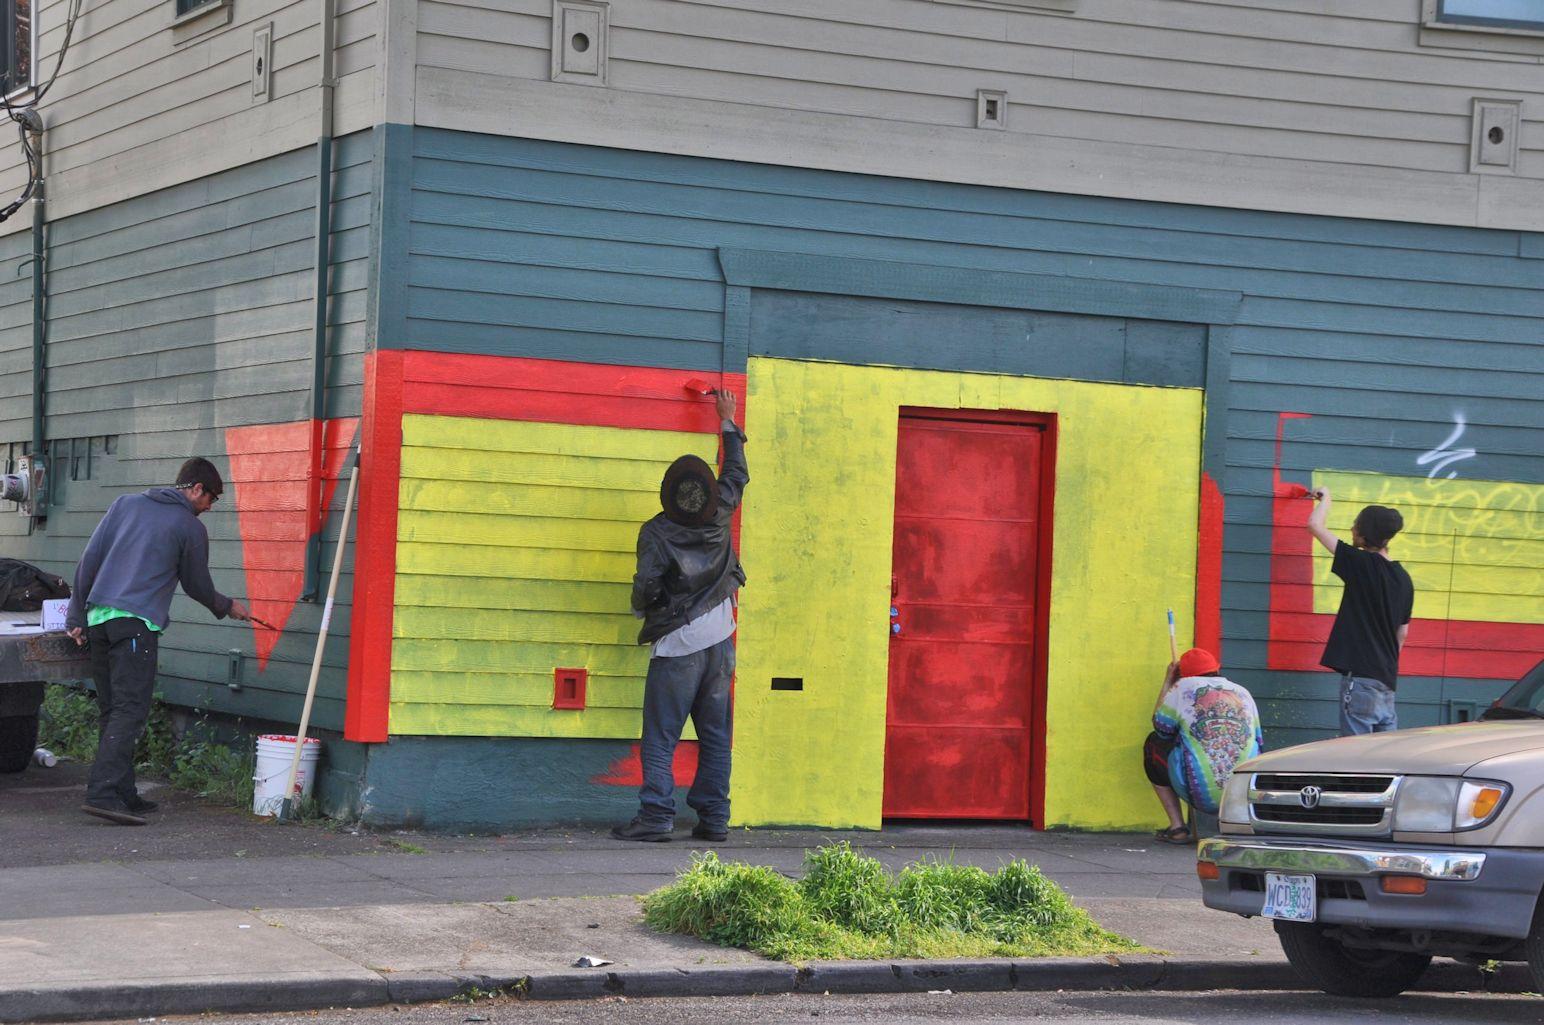 street art | Conscious Engagement